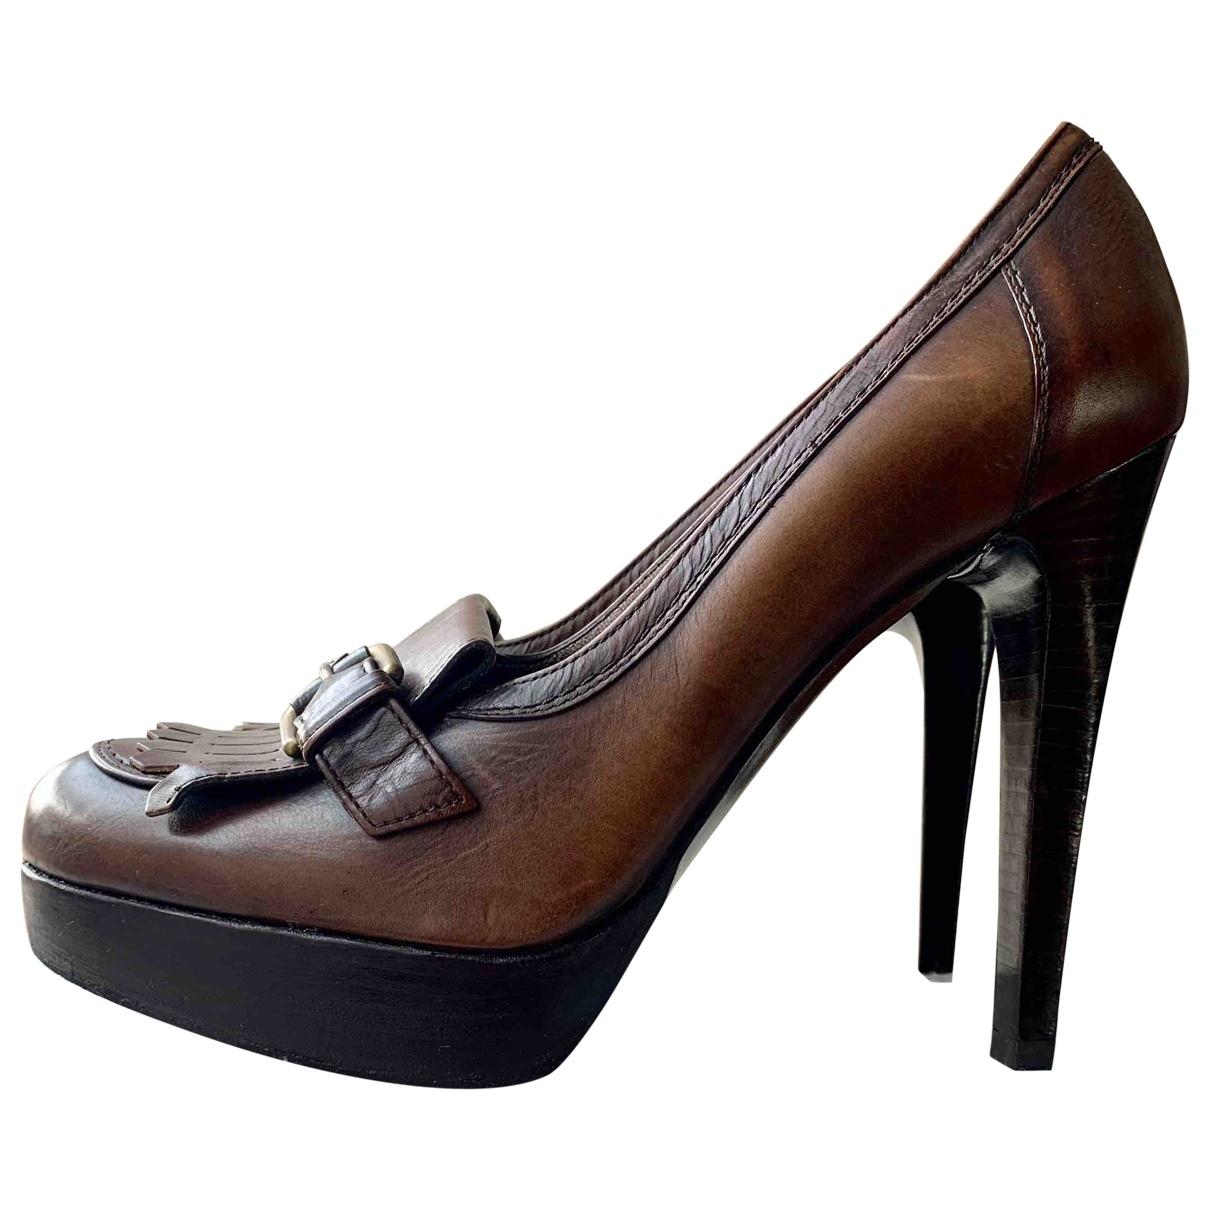 Stuart Weitzman \N Brown Leather Heels for Women 39 EU